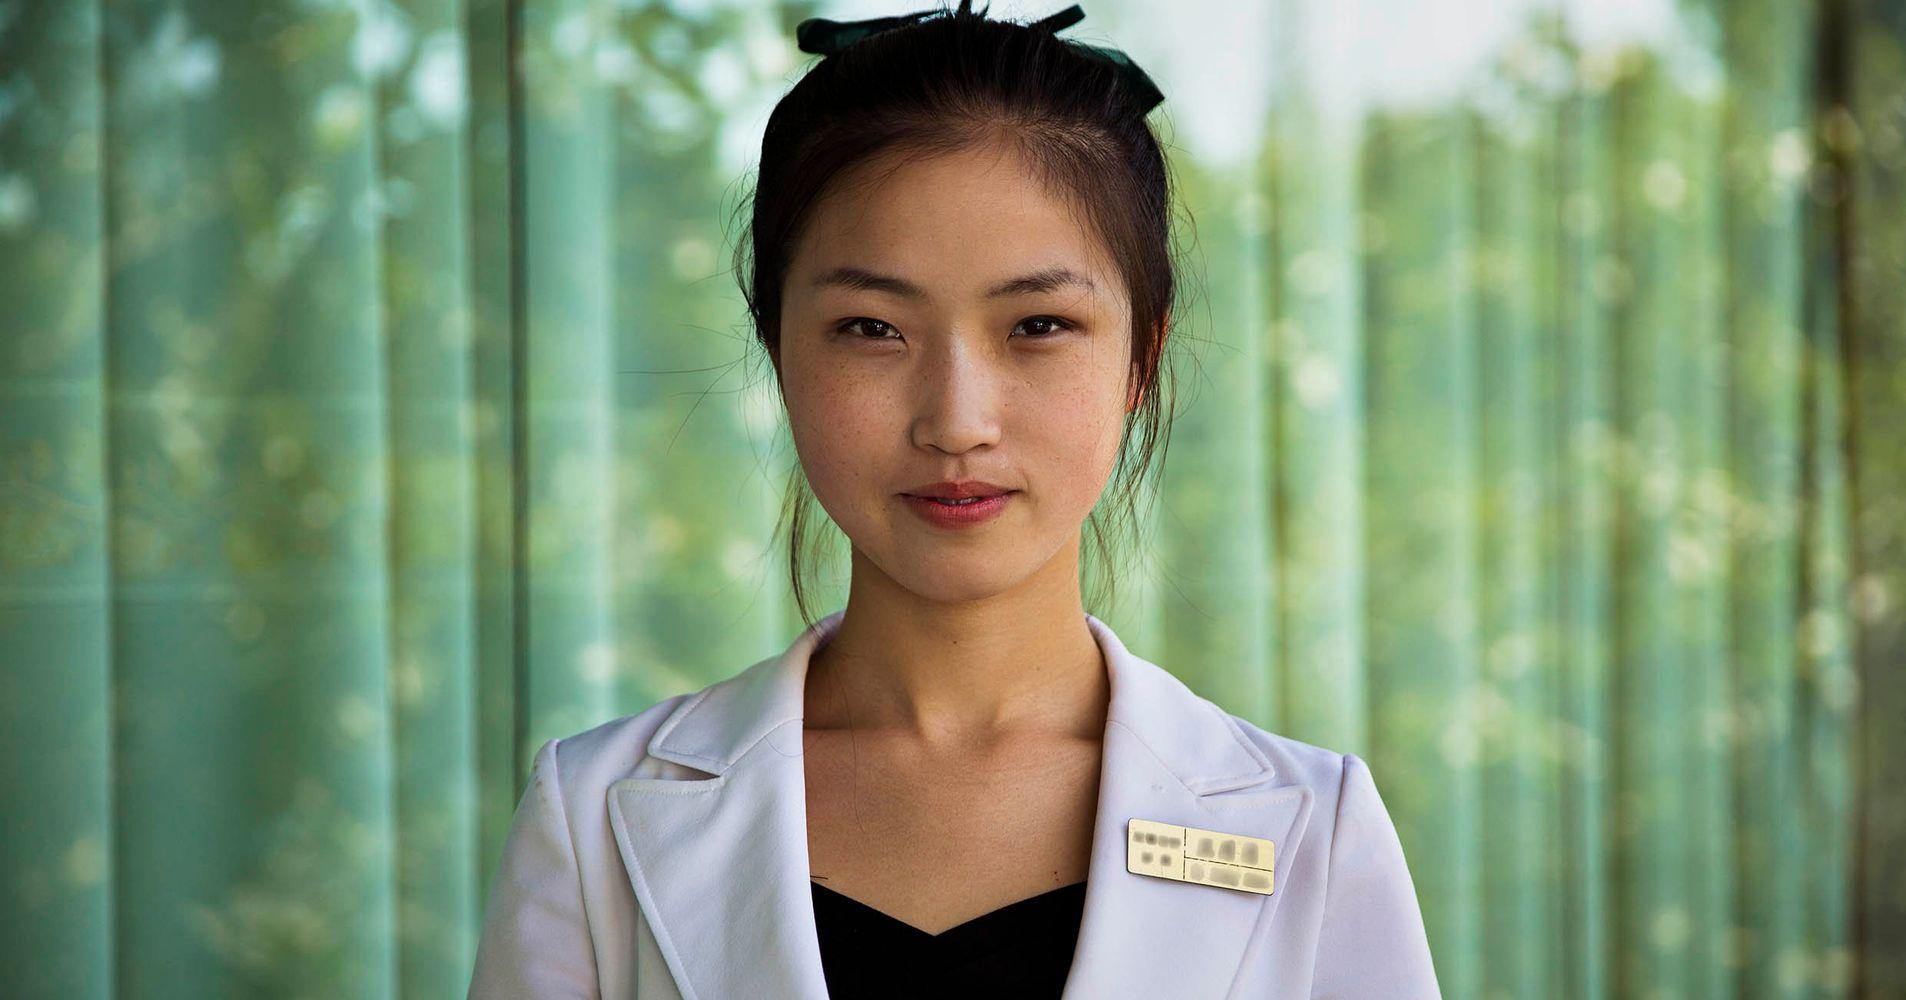 Beautiful North Korean Women Gallery. Girls of the Hermit